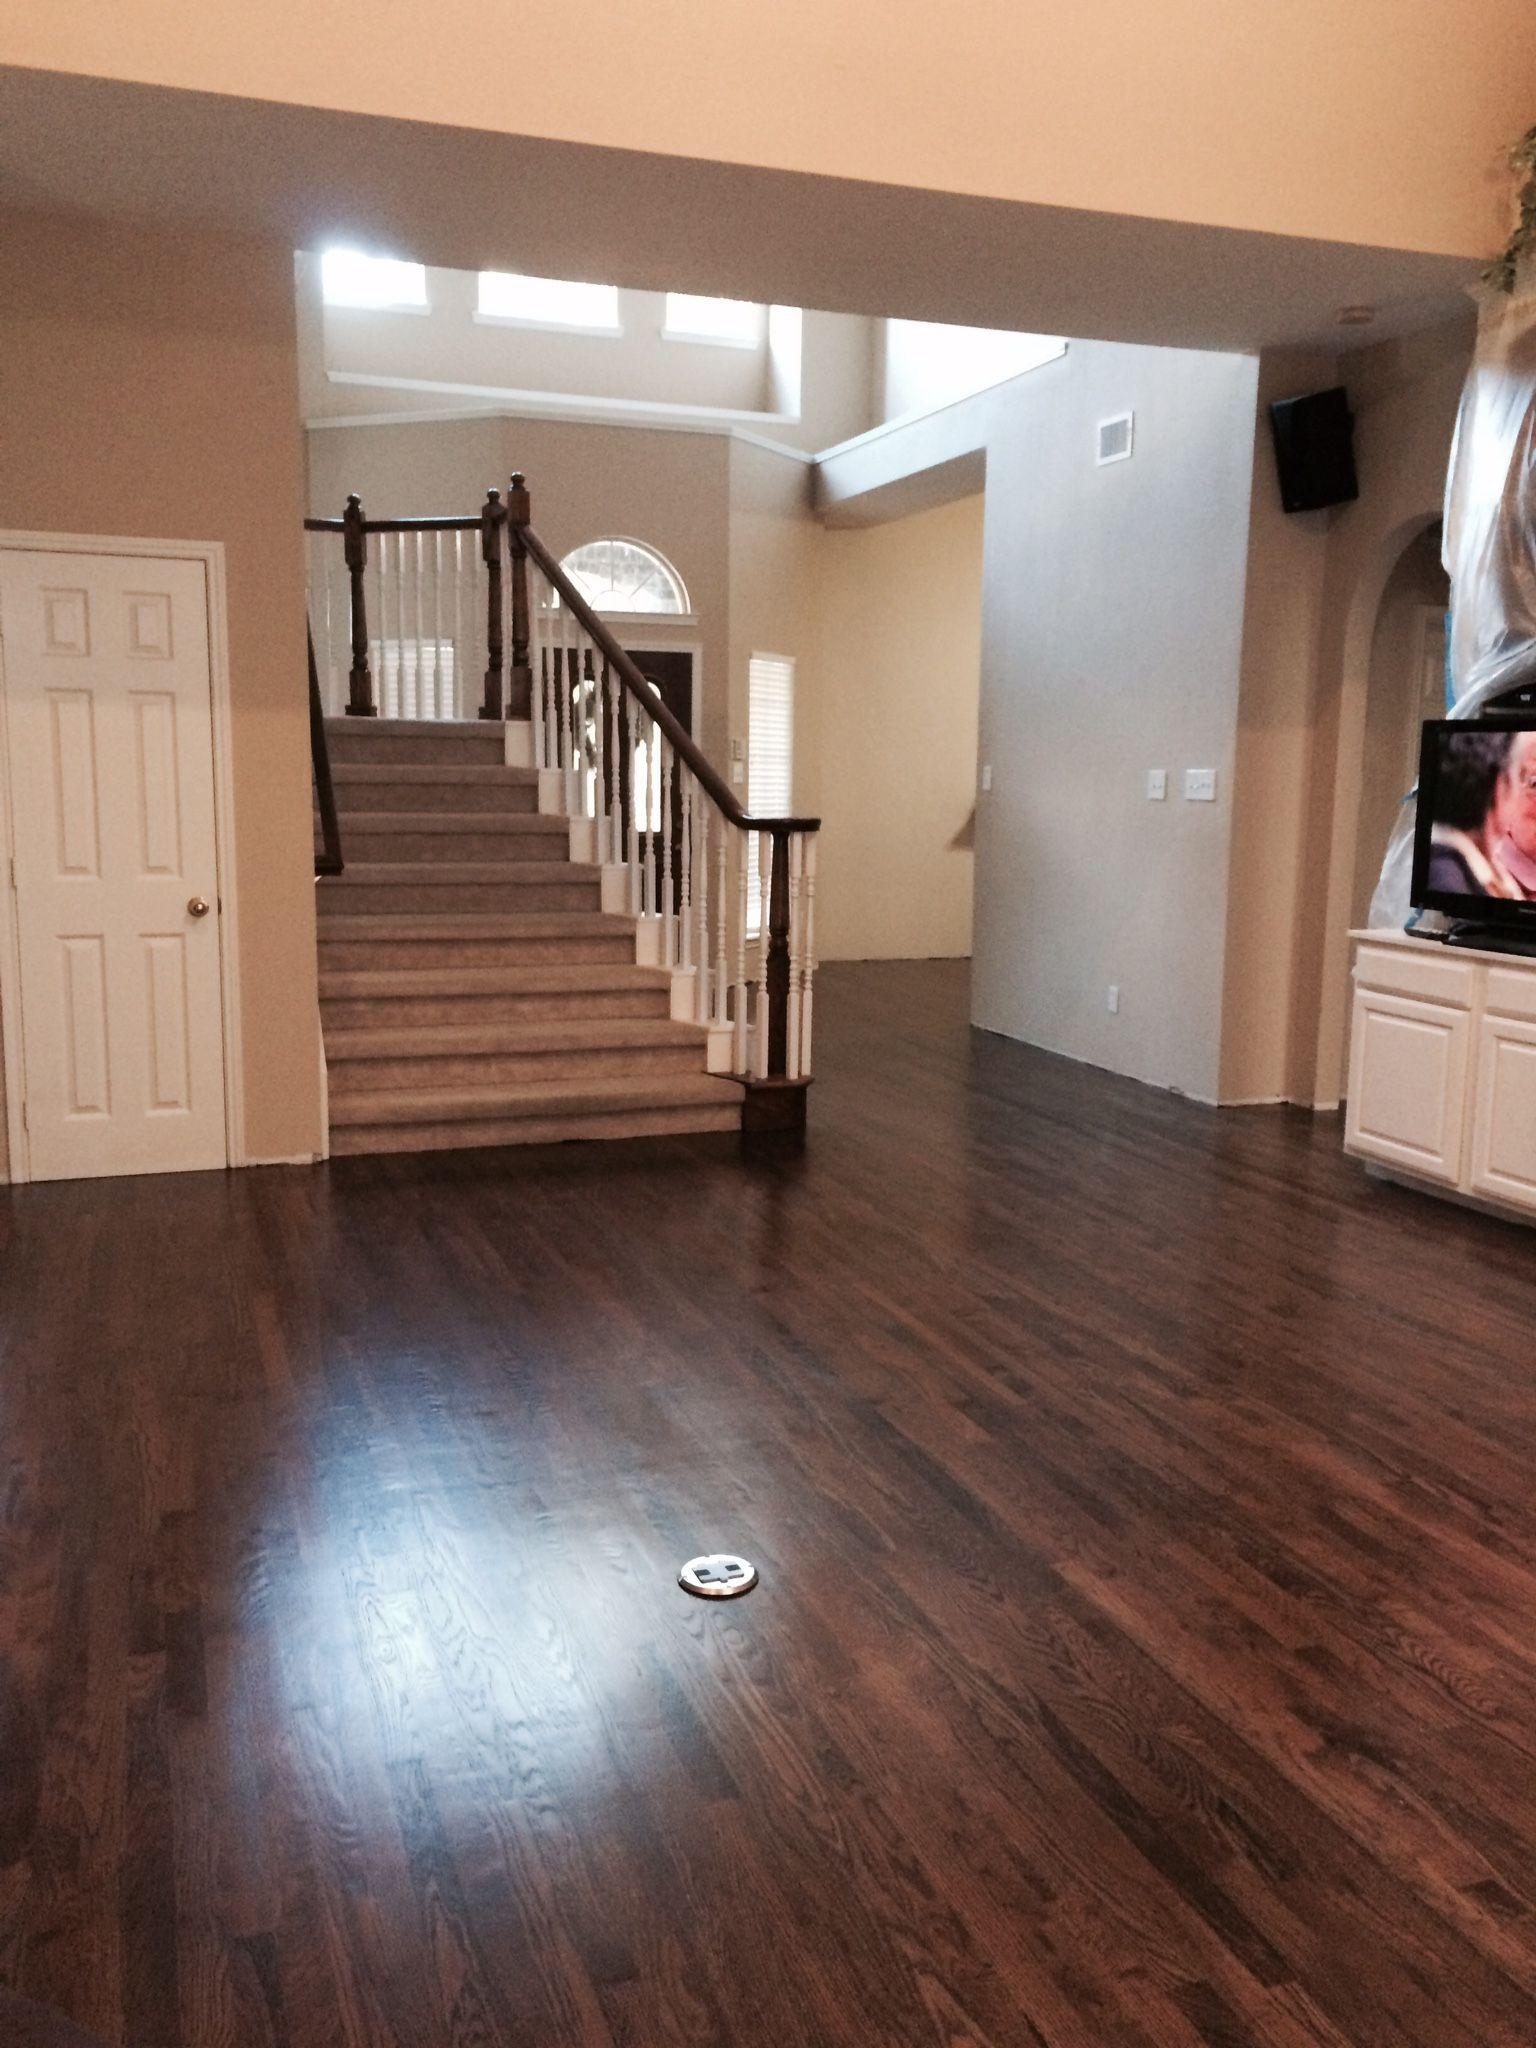 hardwood floor repair mn of dark walnut stain on white oak hardwood remodel 1floors in 2018 with regard to dark walnut stain on white oak hardwood walnut hardwood flooring hardwood floor stain colors